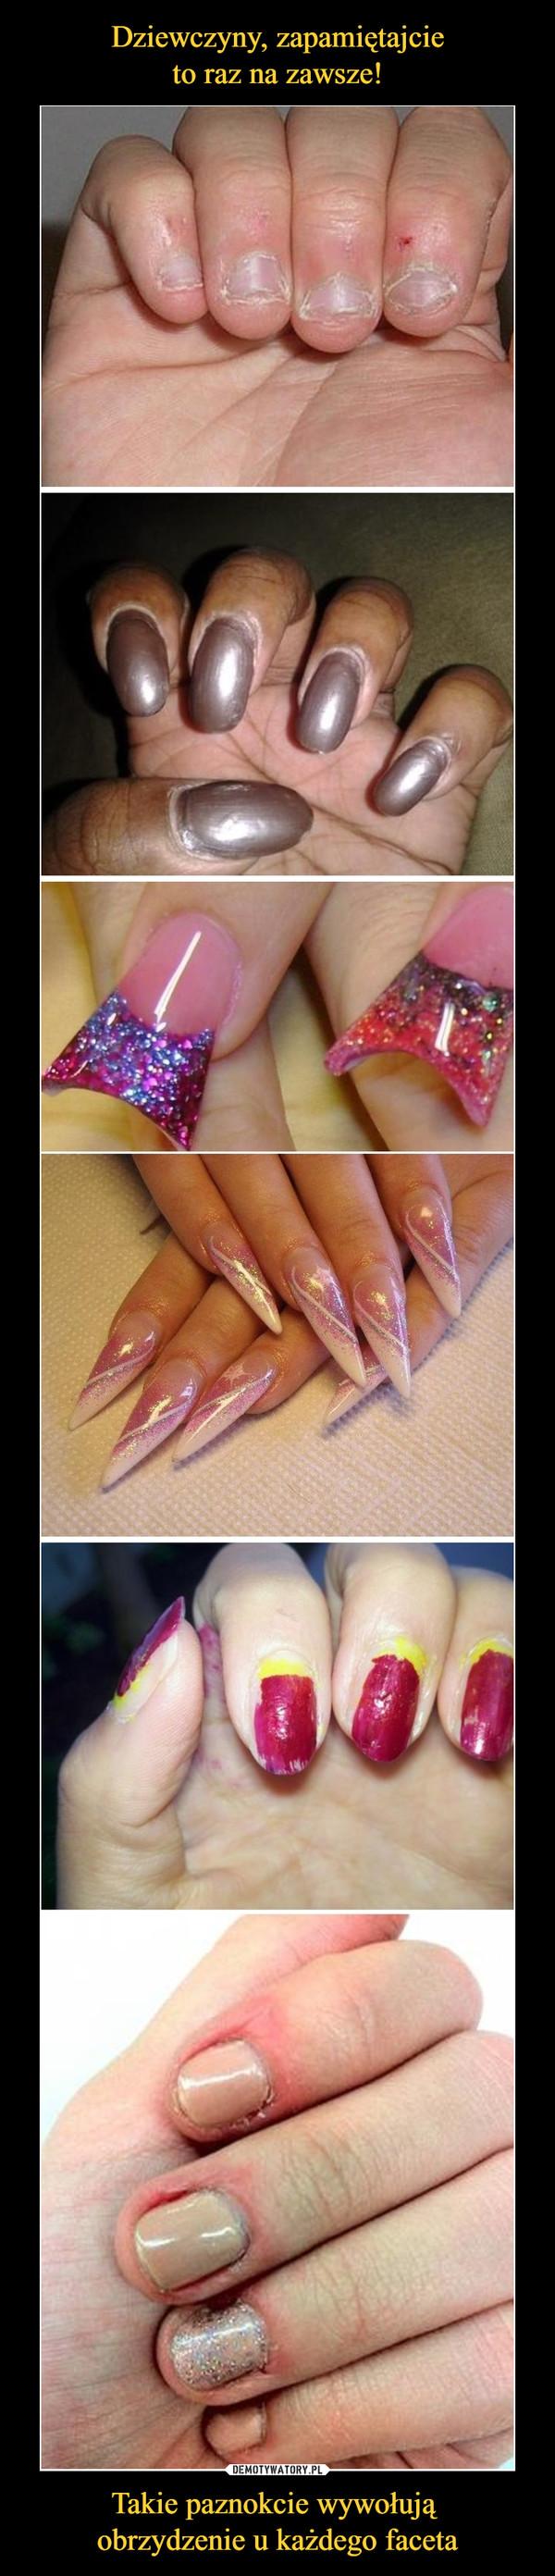 Takie paznokcie wywołują obrzydzenie u każdego faceta –